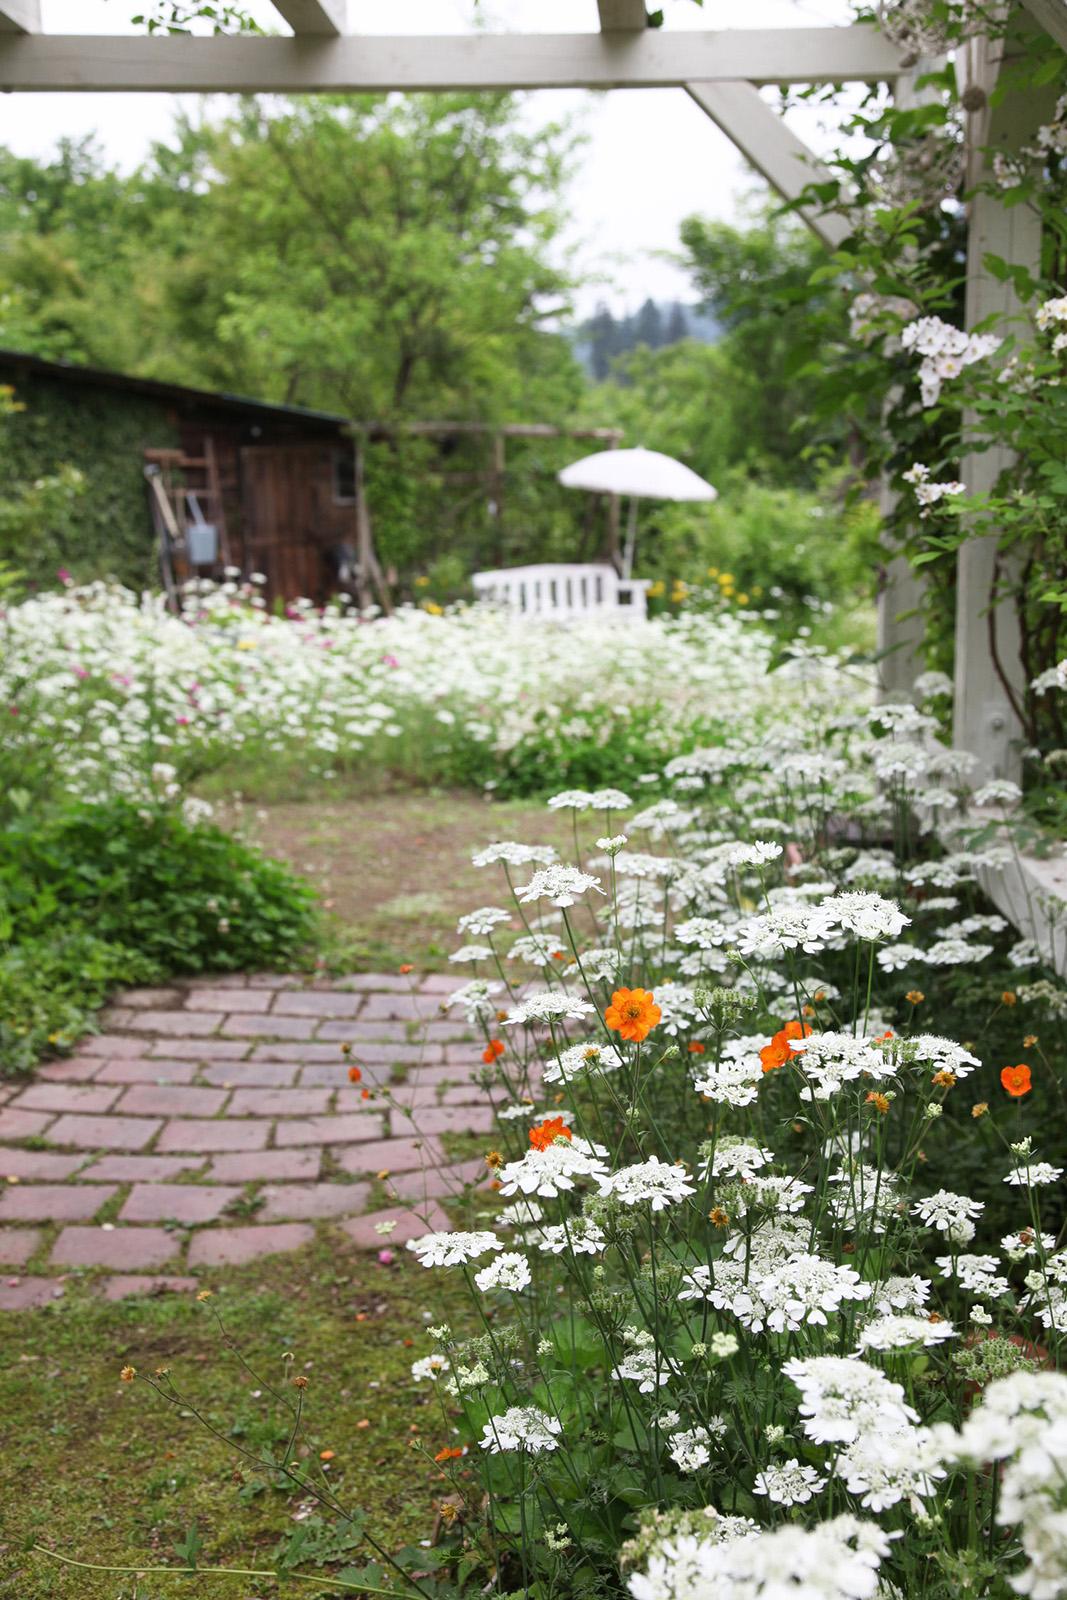 gardenfl018.jpg